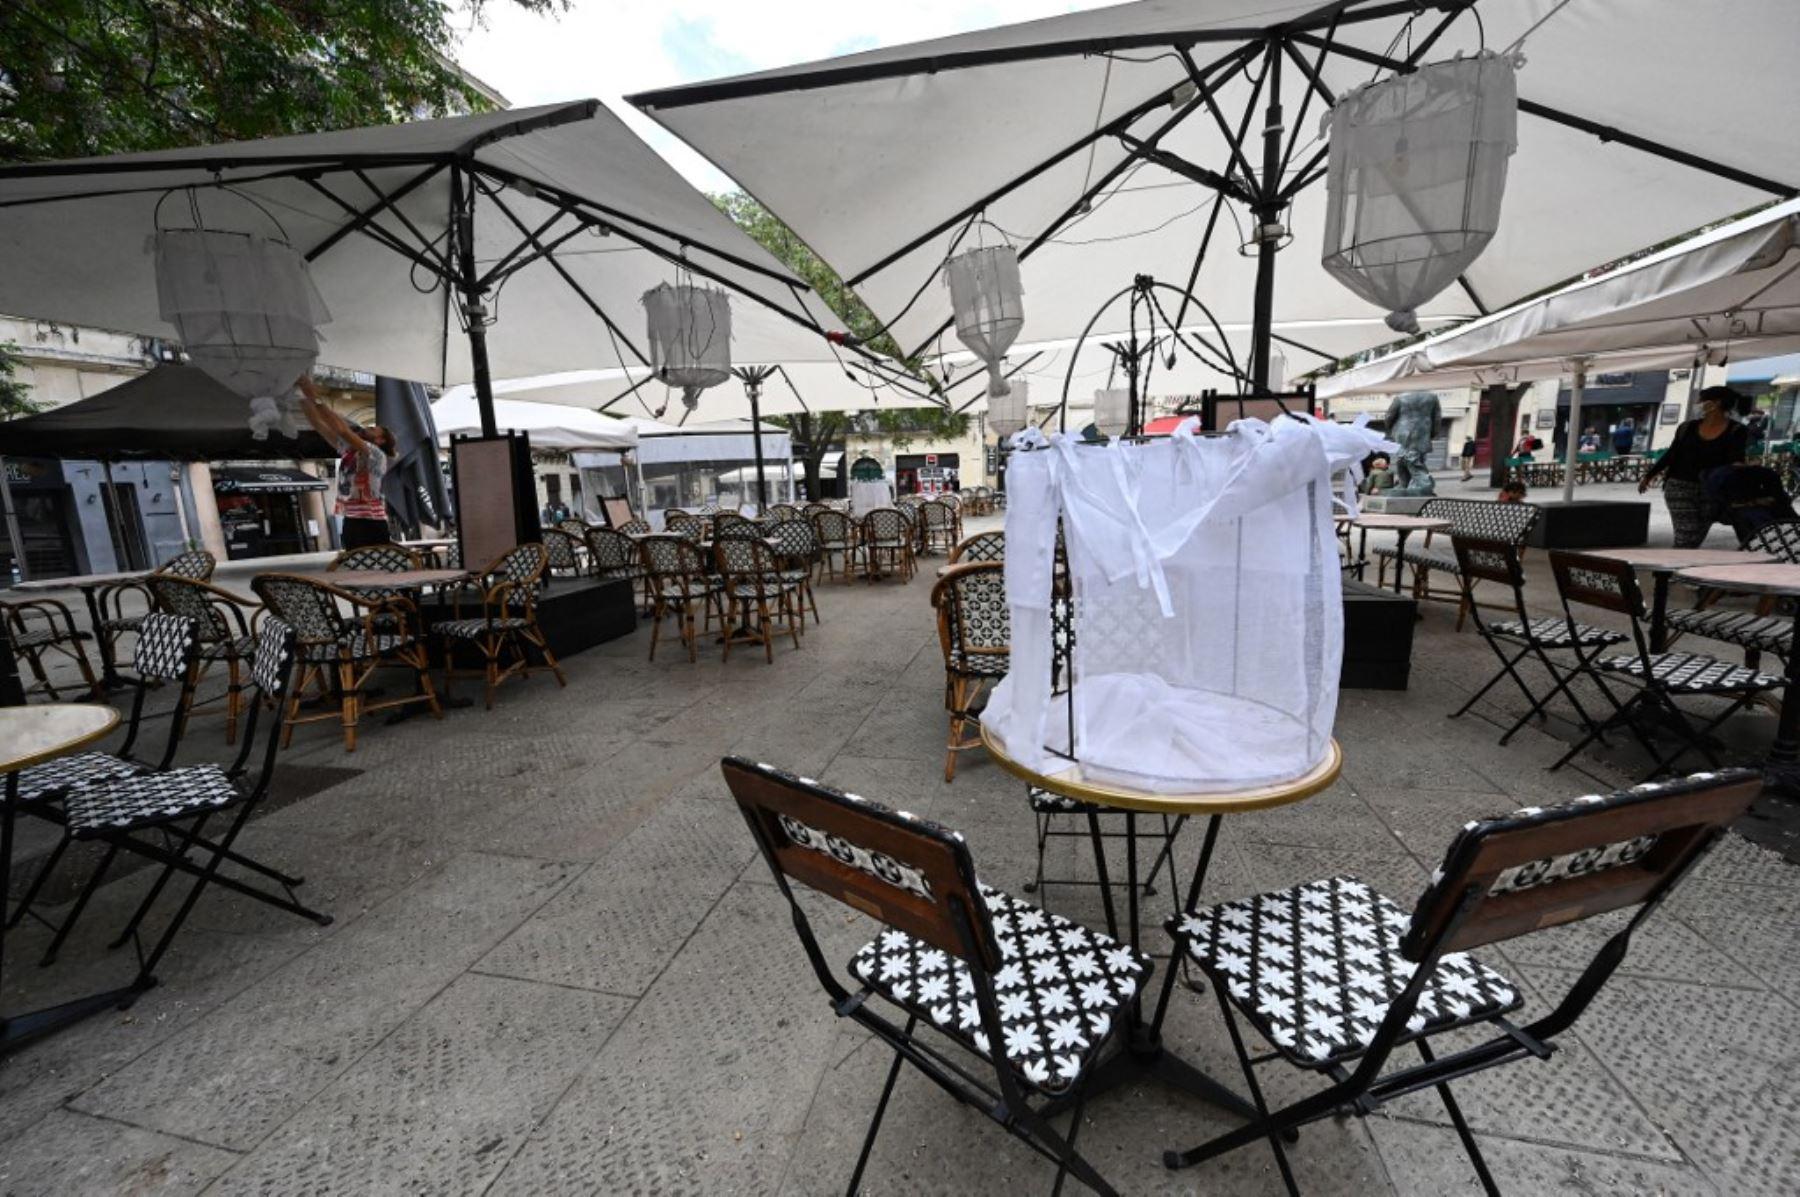 Un hombre instala la terraza de un restaurante en la ciudad de Montpellier, en el sur de Francia, el 17 de mayo de 2021, dos días antes de una reapertura enormemente anticipada de las terrazas de los restaurantes, como parte de un alivio del cierre nacional. Foto: AFP